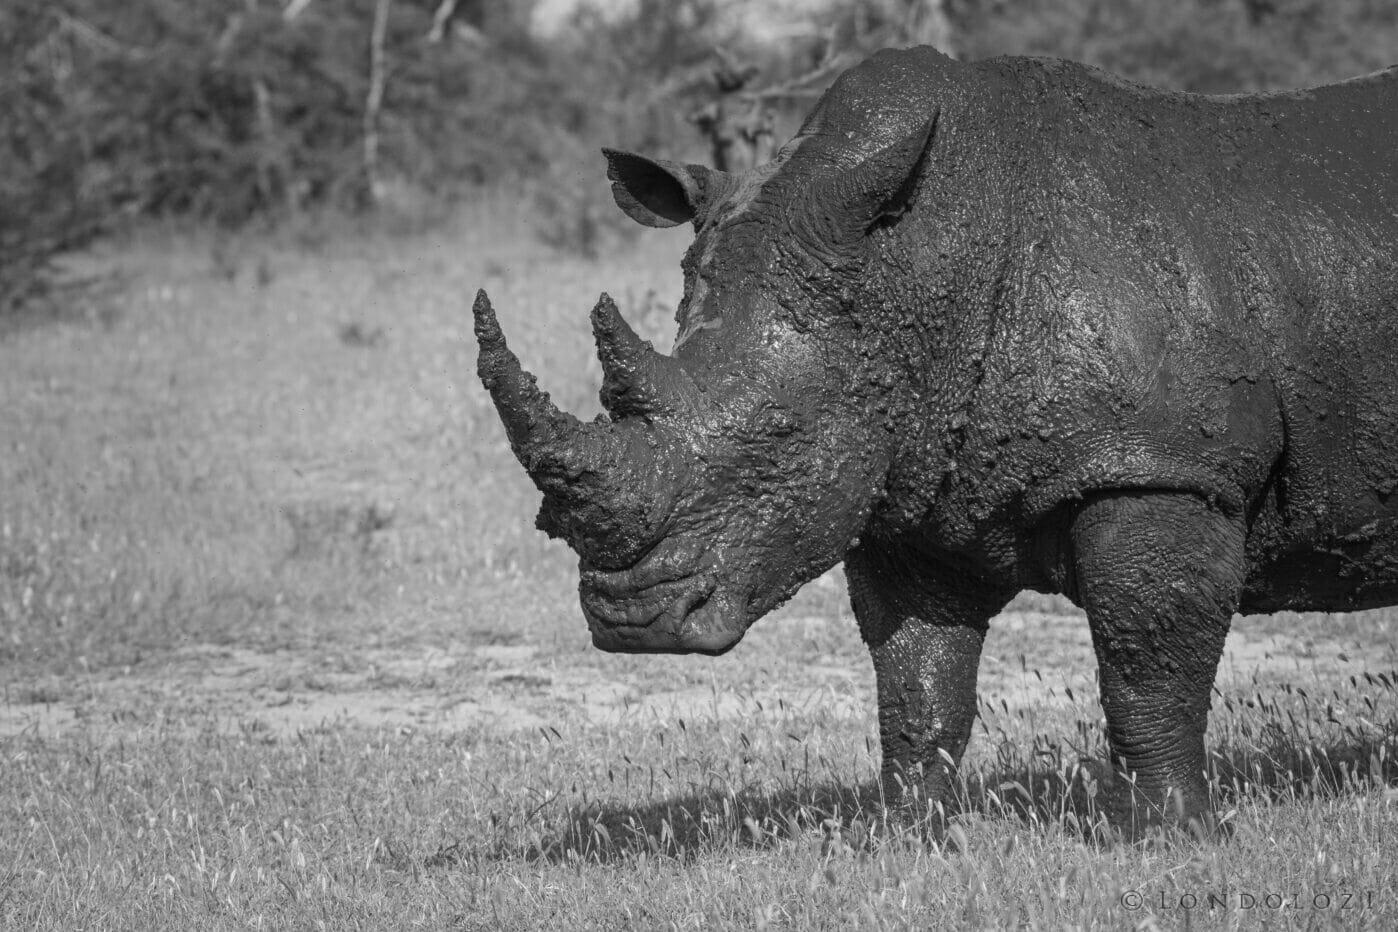 Rhino Bull Mud